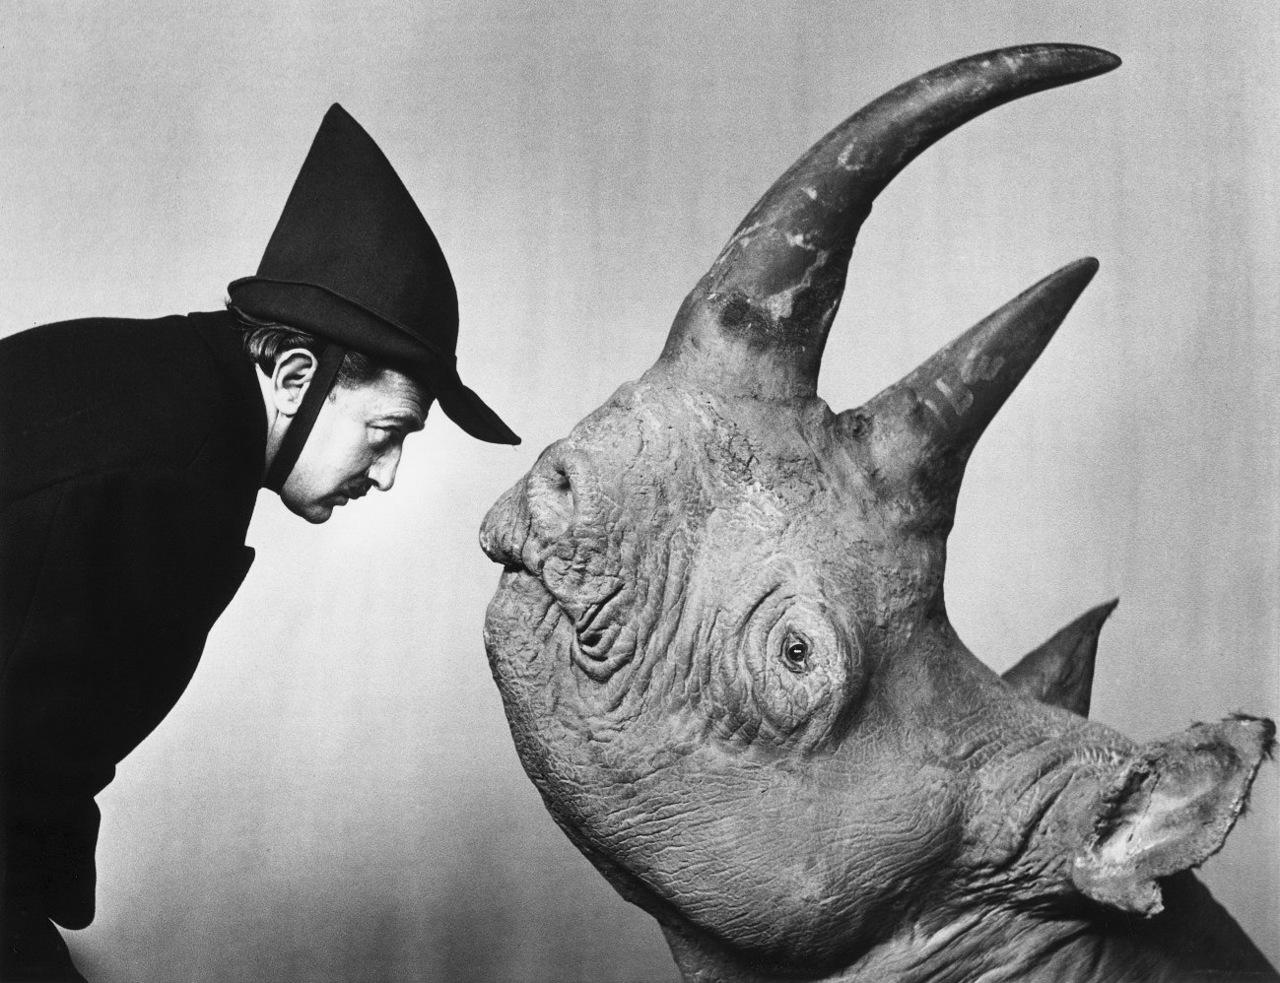 http://1.bp.blogspot.com/_yy5WF1i4o-8/S6rkOtyi8XI/AAAAAAAAA2k/o1pwX2X1lGU/s1600/Philippe+Halsman.Dali.Dali+with+Rhinoceros.1956.1981.jpg